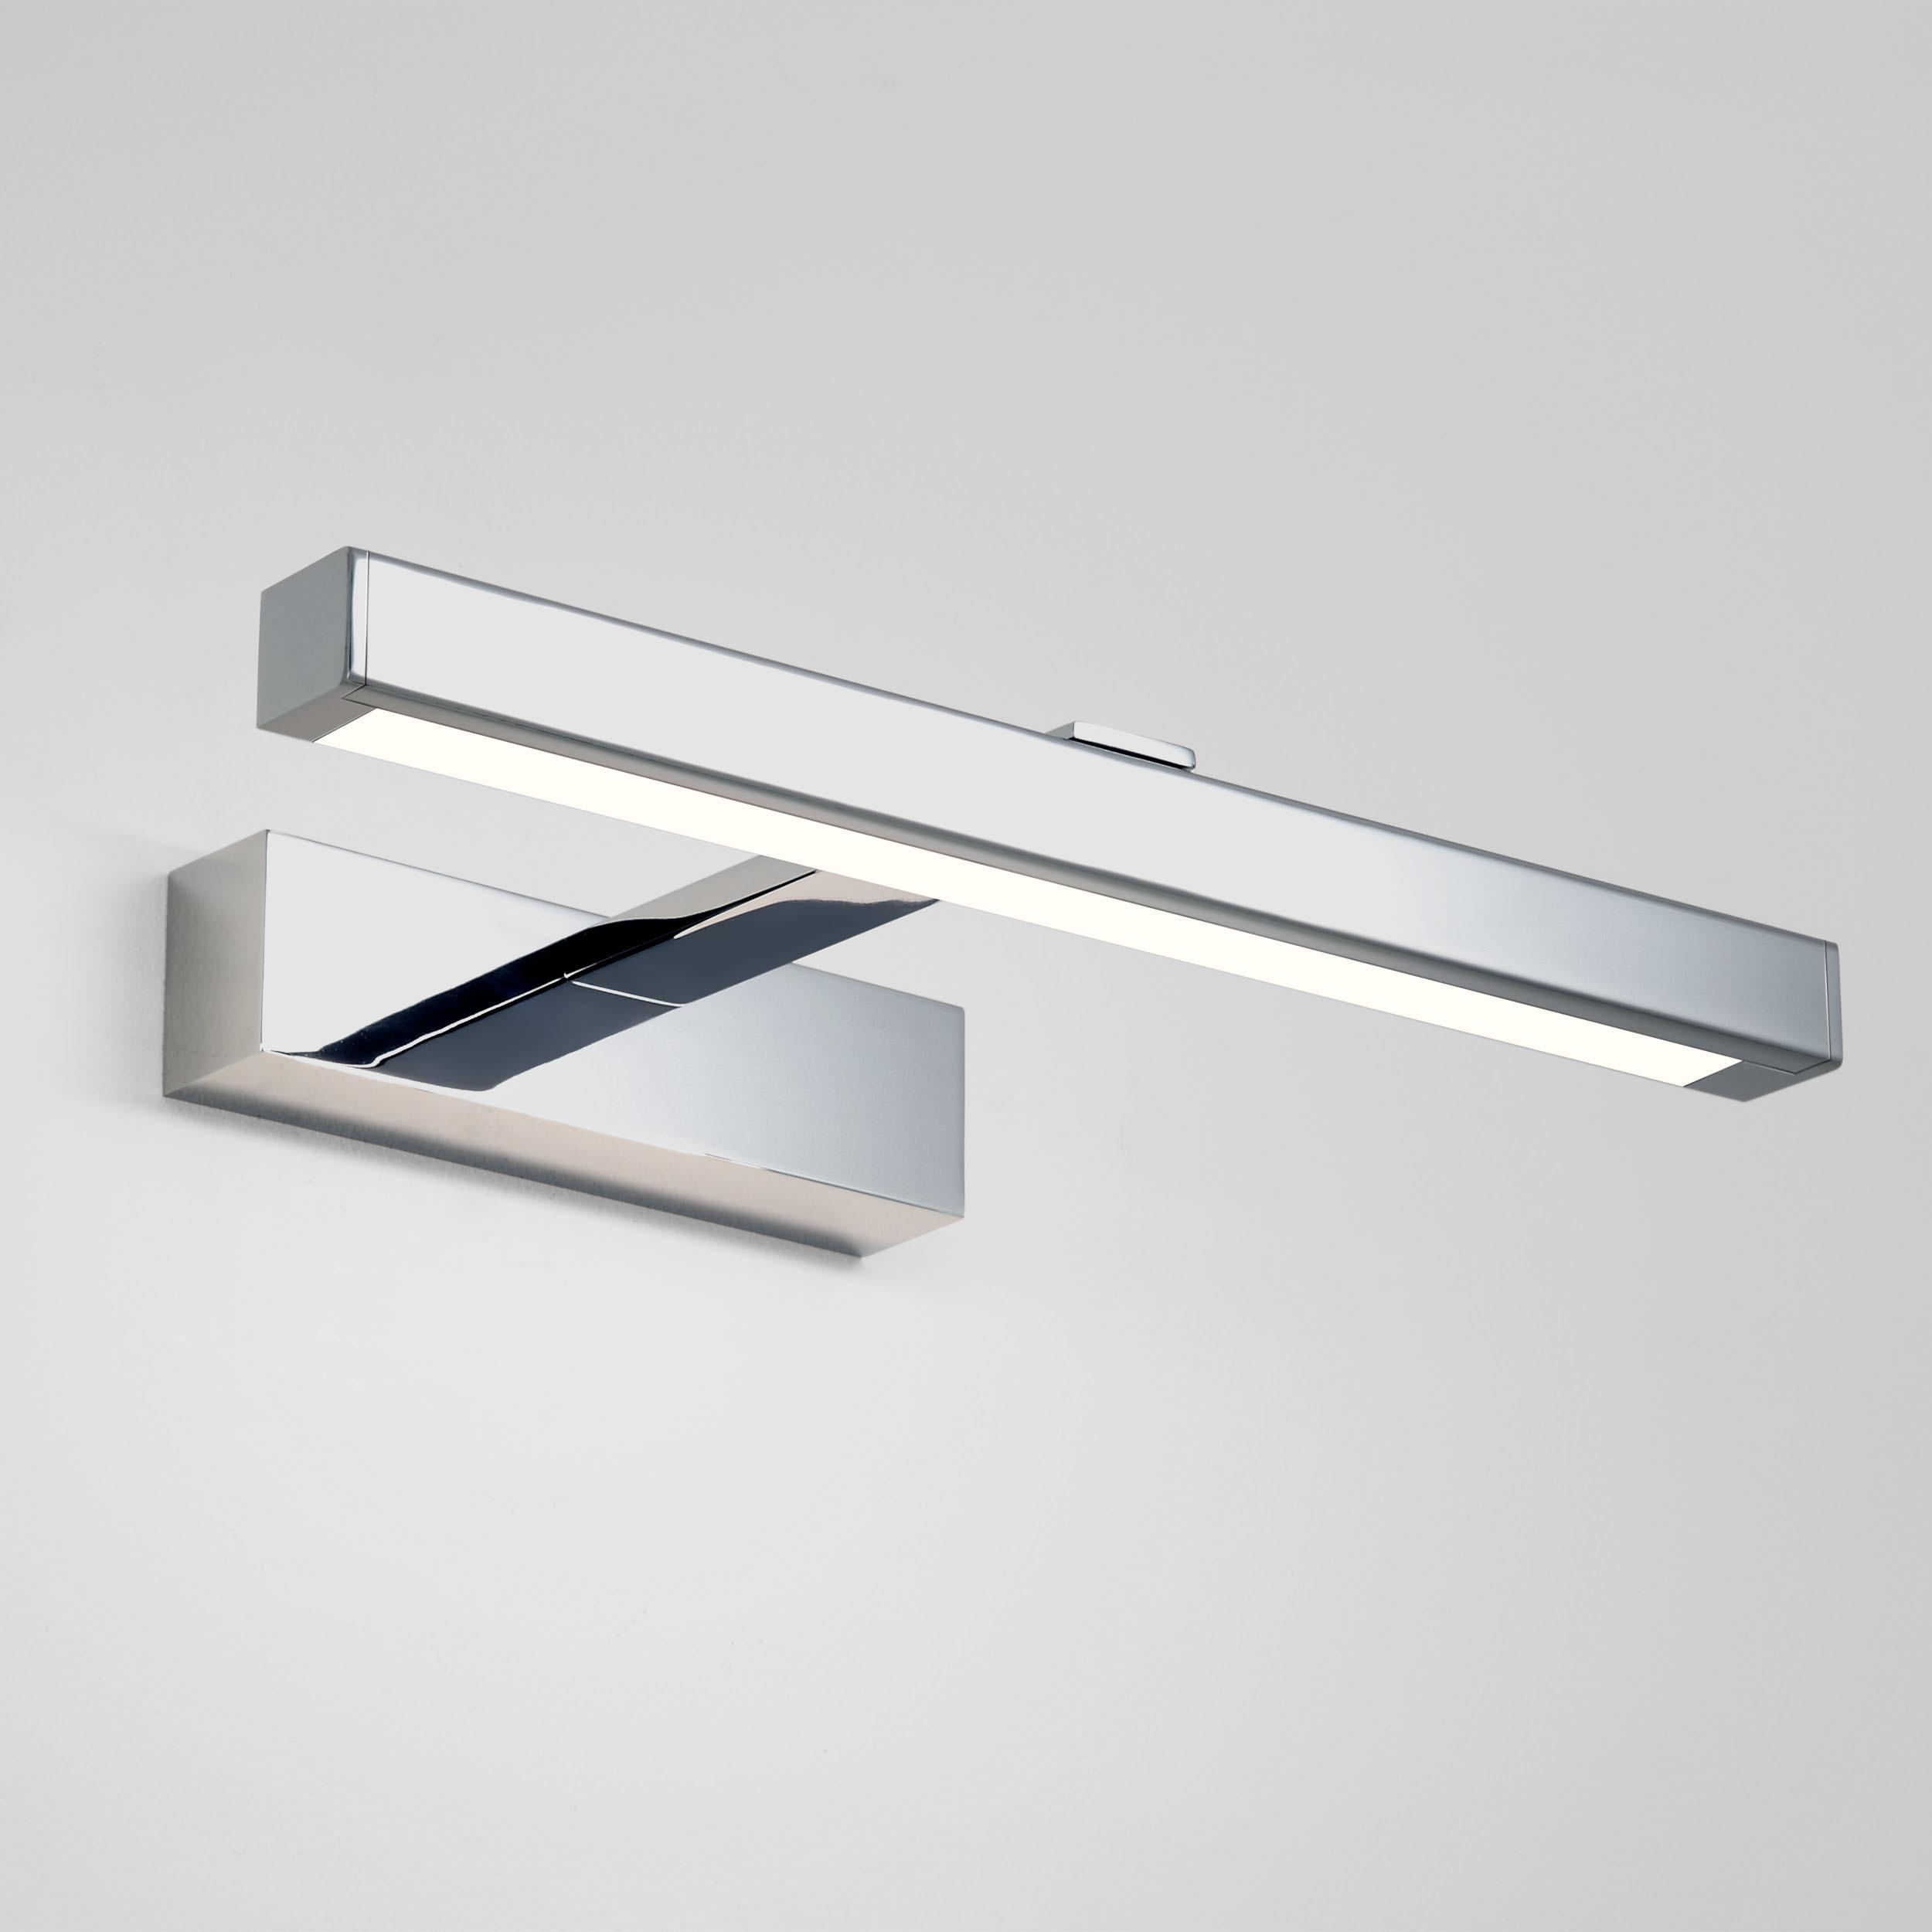 Настенный светодиодный светильник для подсветки зеркал Astro Kashima LED 1174003 (7348), IP44, LED 4,53W 3000K 165lm CRI80, хром, металл, пластик - фото 1